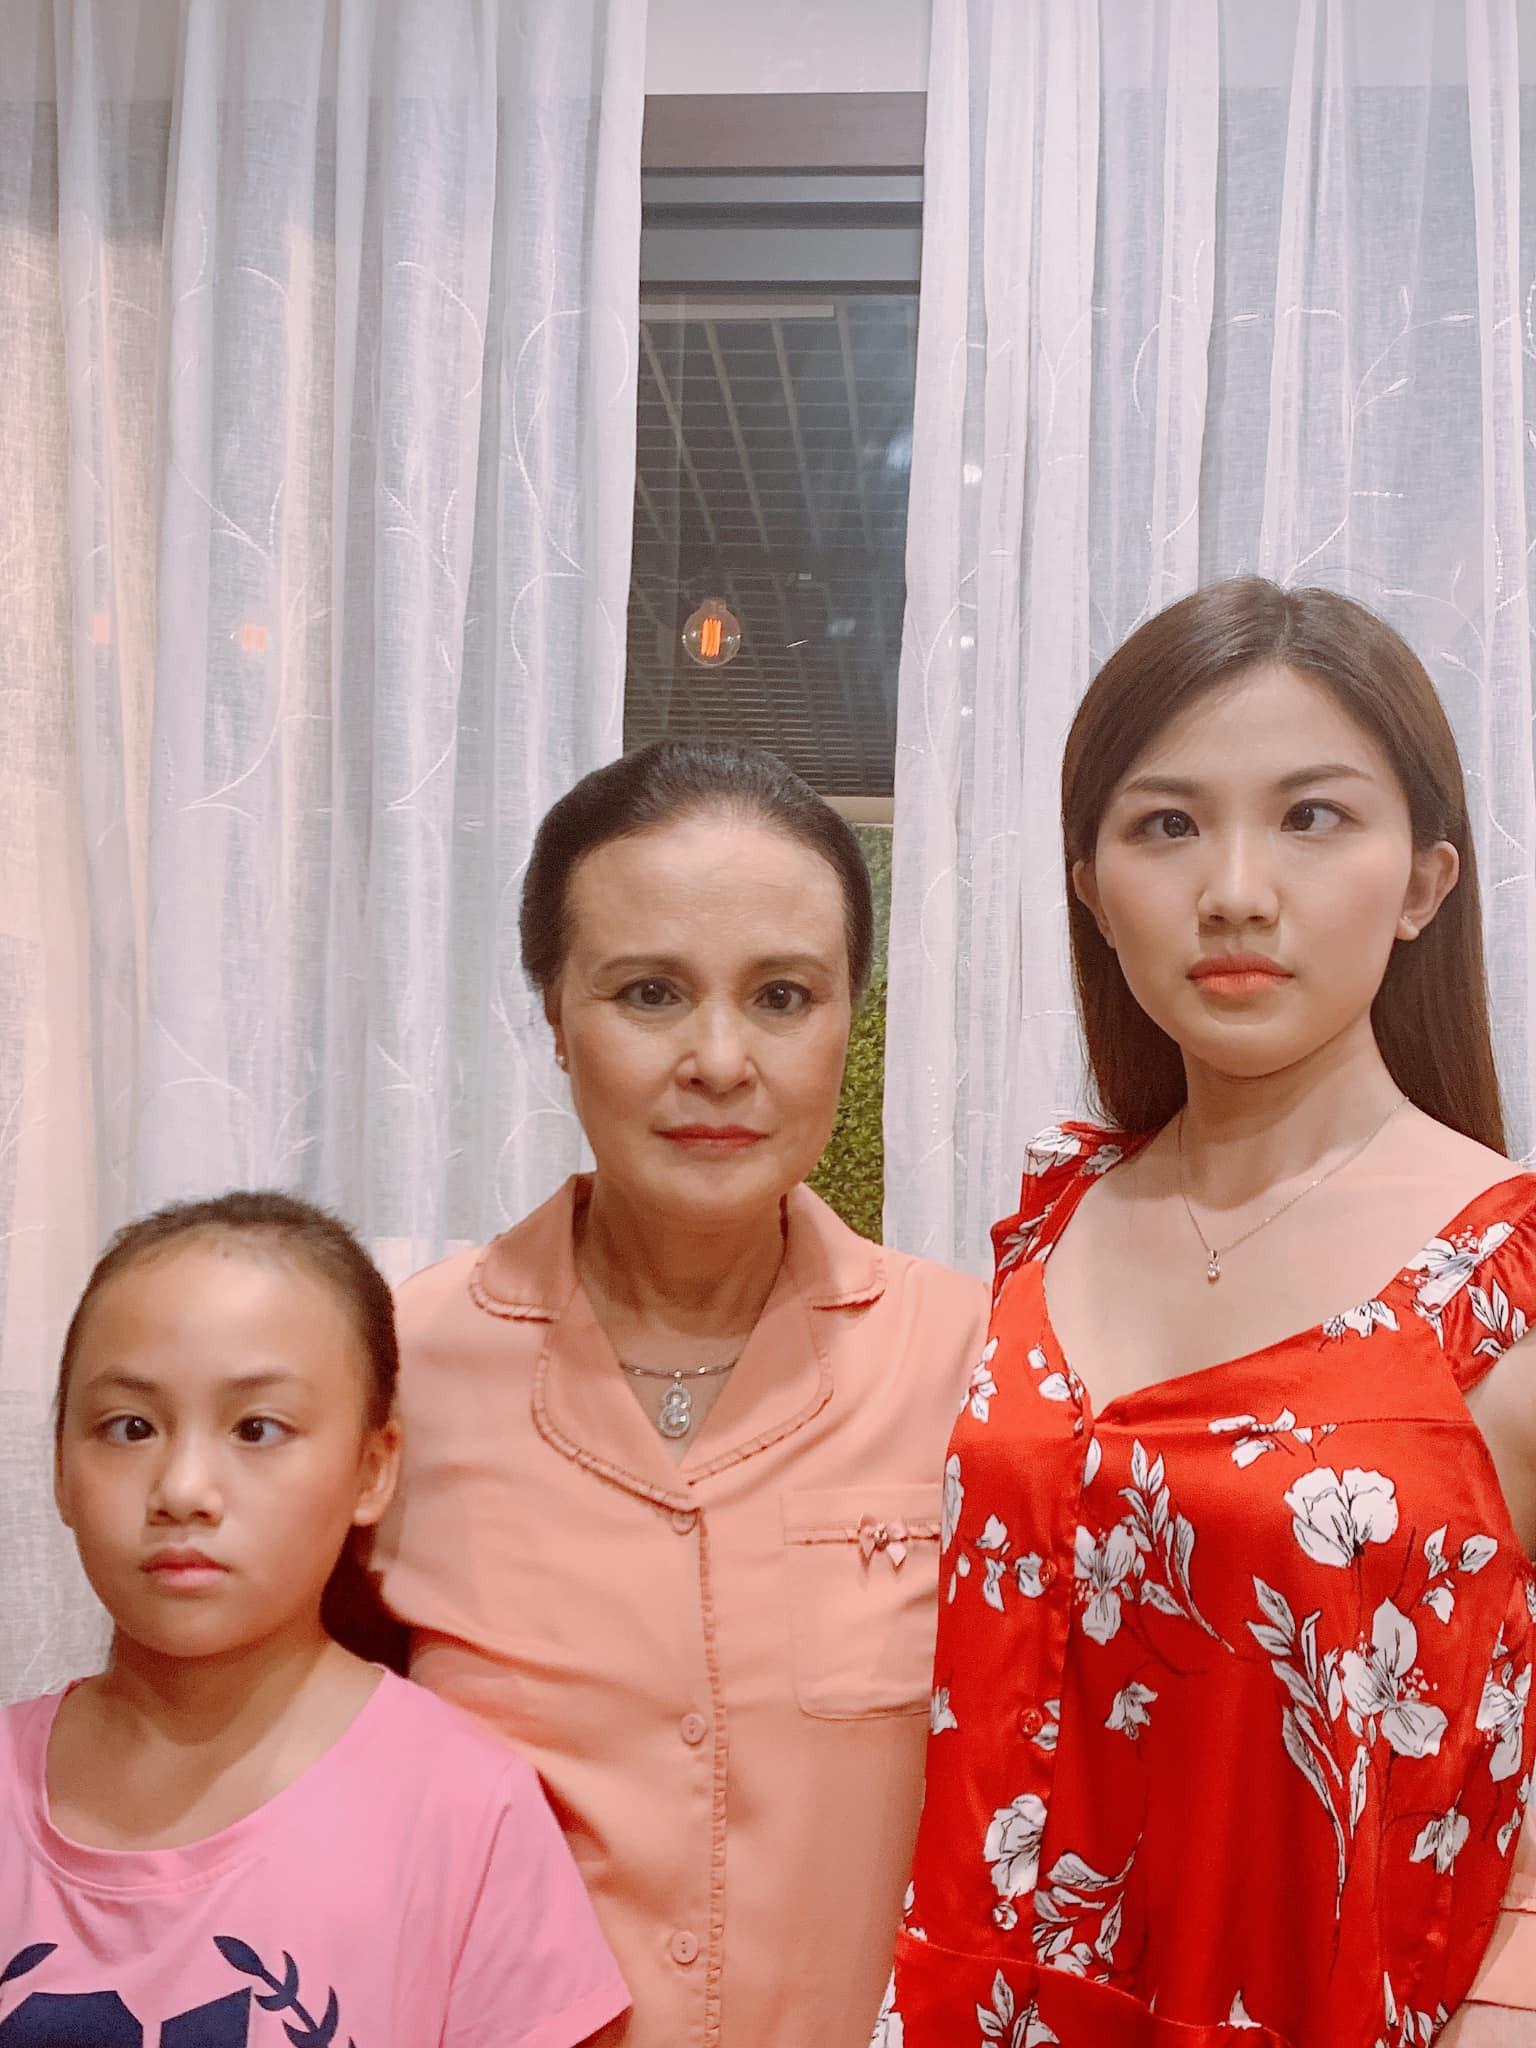 VZN News: Tiểu tam đỉnh cao nhất màn ảnh Việt: Đến tận nhà rủ mẹ chồng và con riêng tương lai làm trò - Ảnh 9.